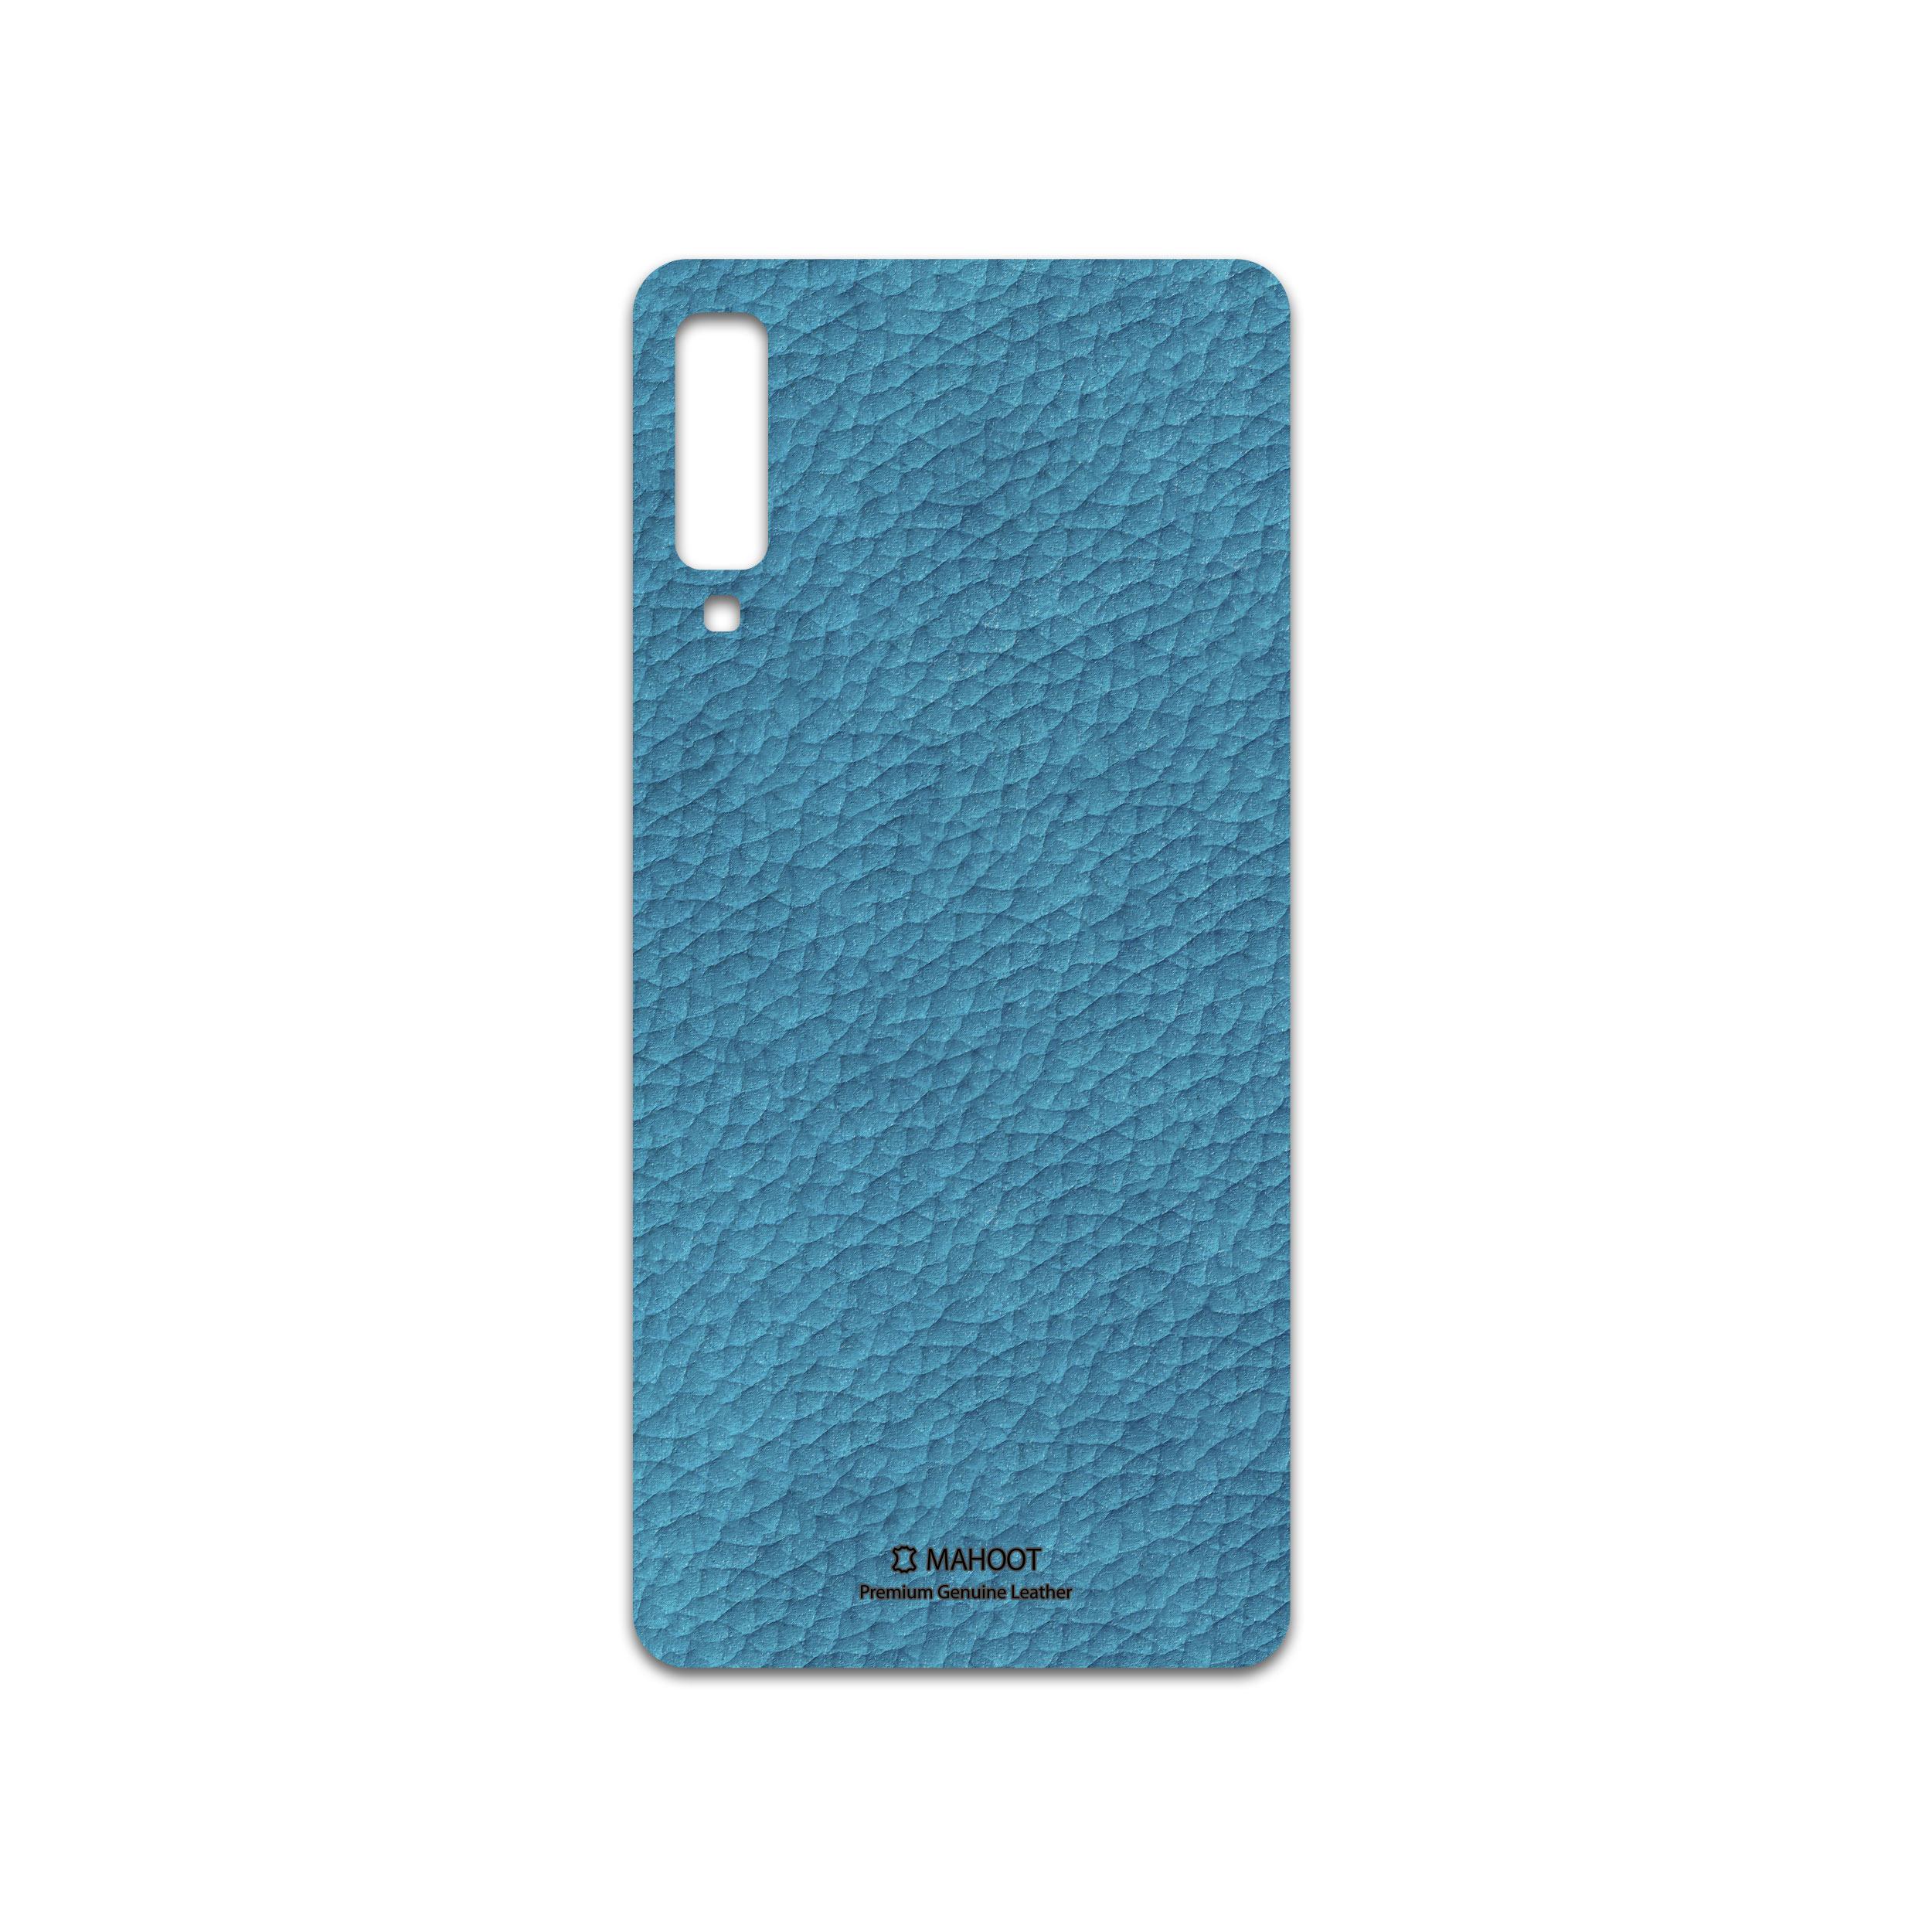 برچسب پوششی ماهوت مدل Blue-Leather مناسب برای گوشی موبایل سامسونگ Galaxy A7 2018